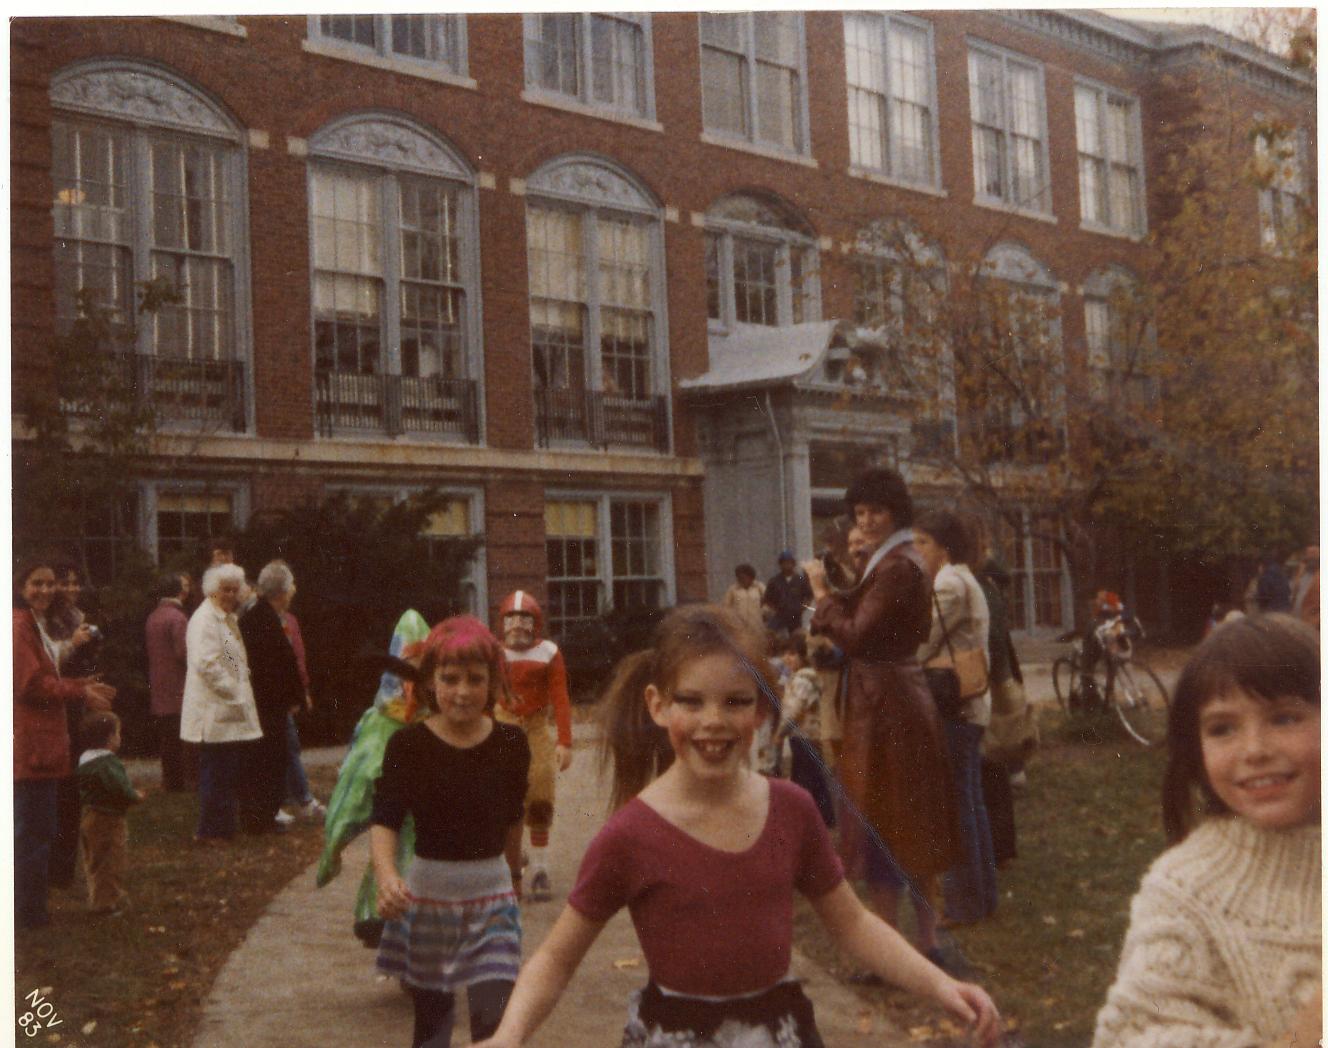 pat benatar 1980-halloween